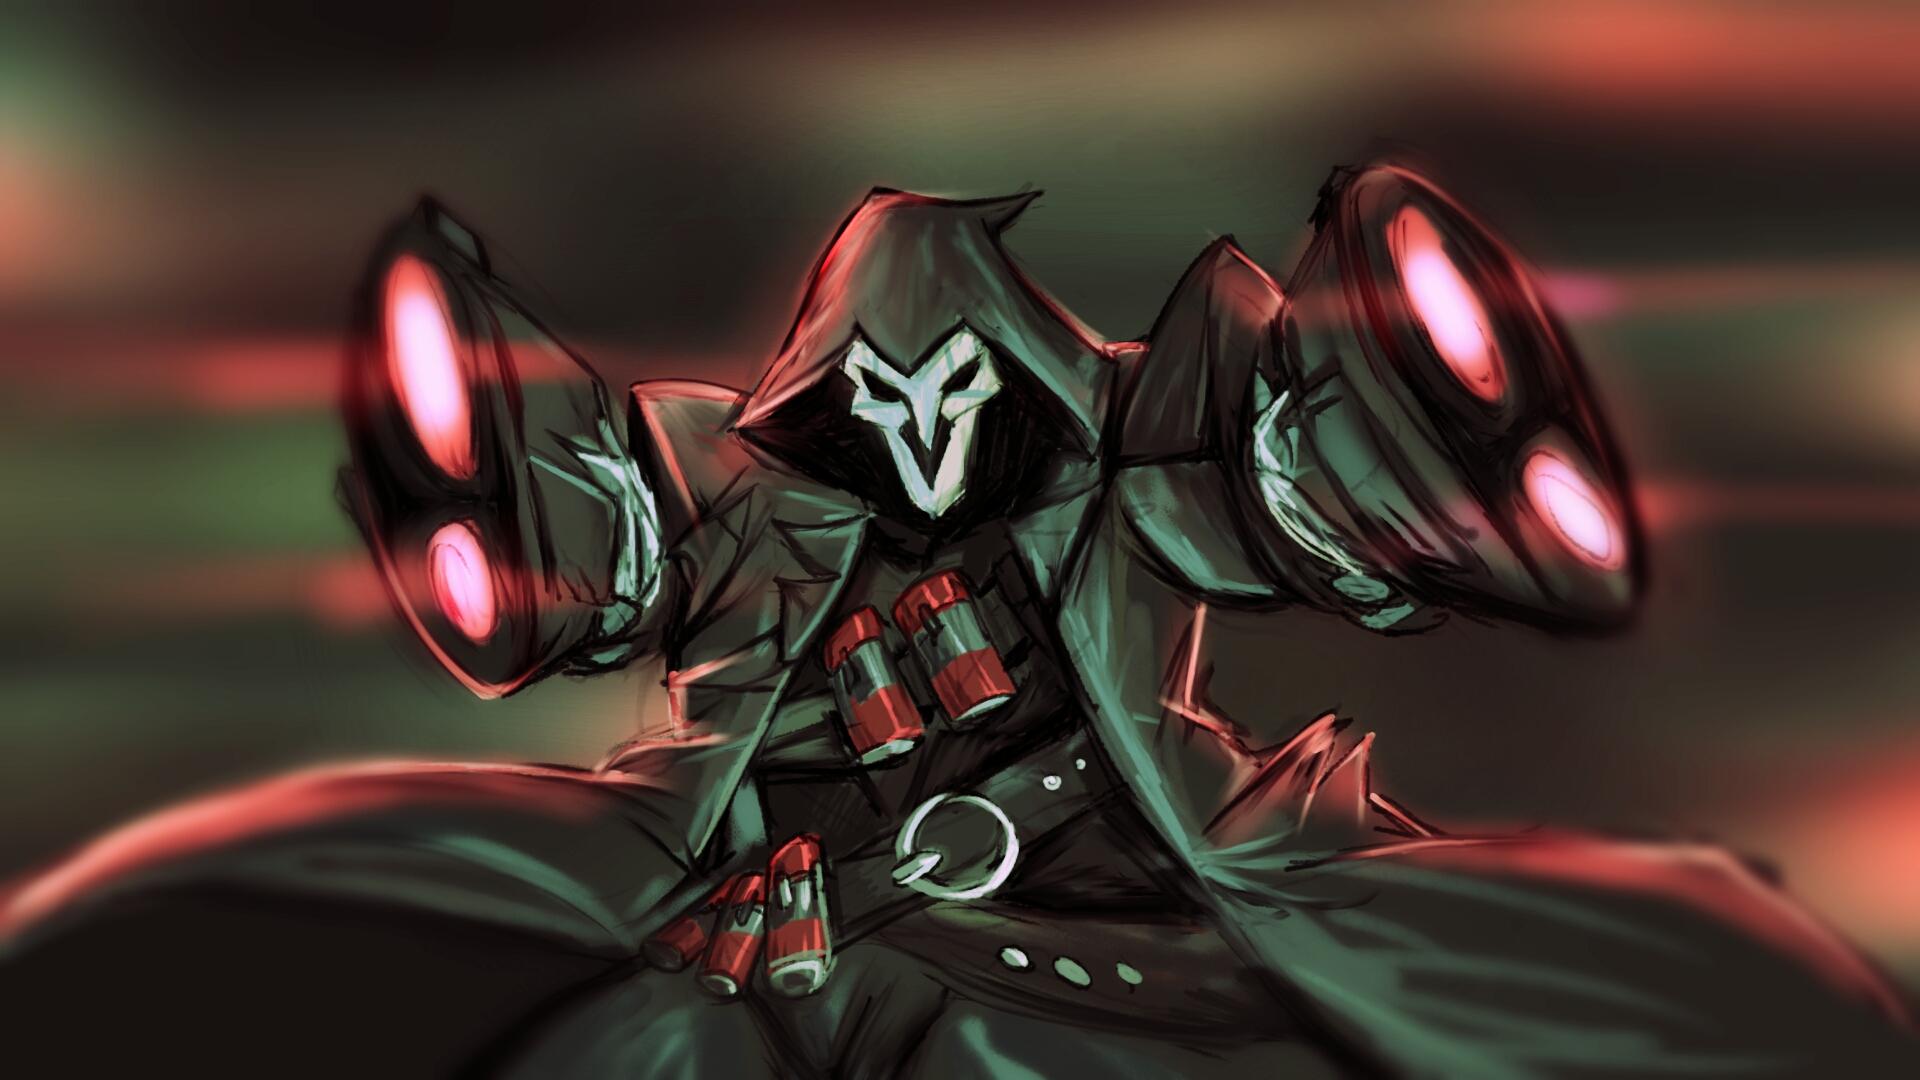 Reaper (overwatch fanart) by ninjakimm